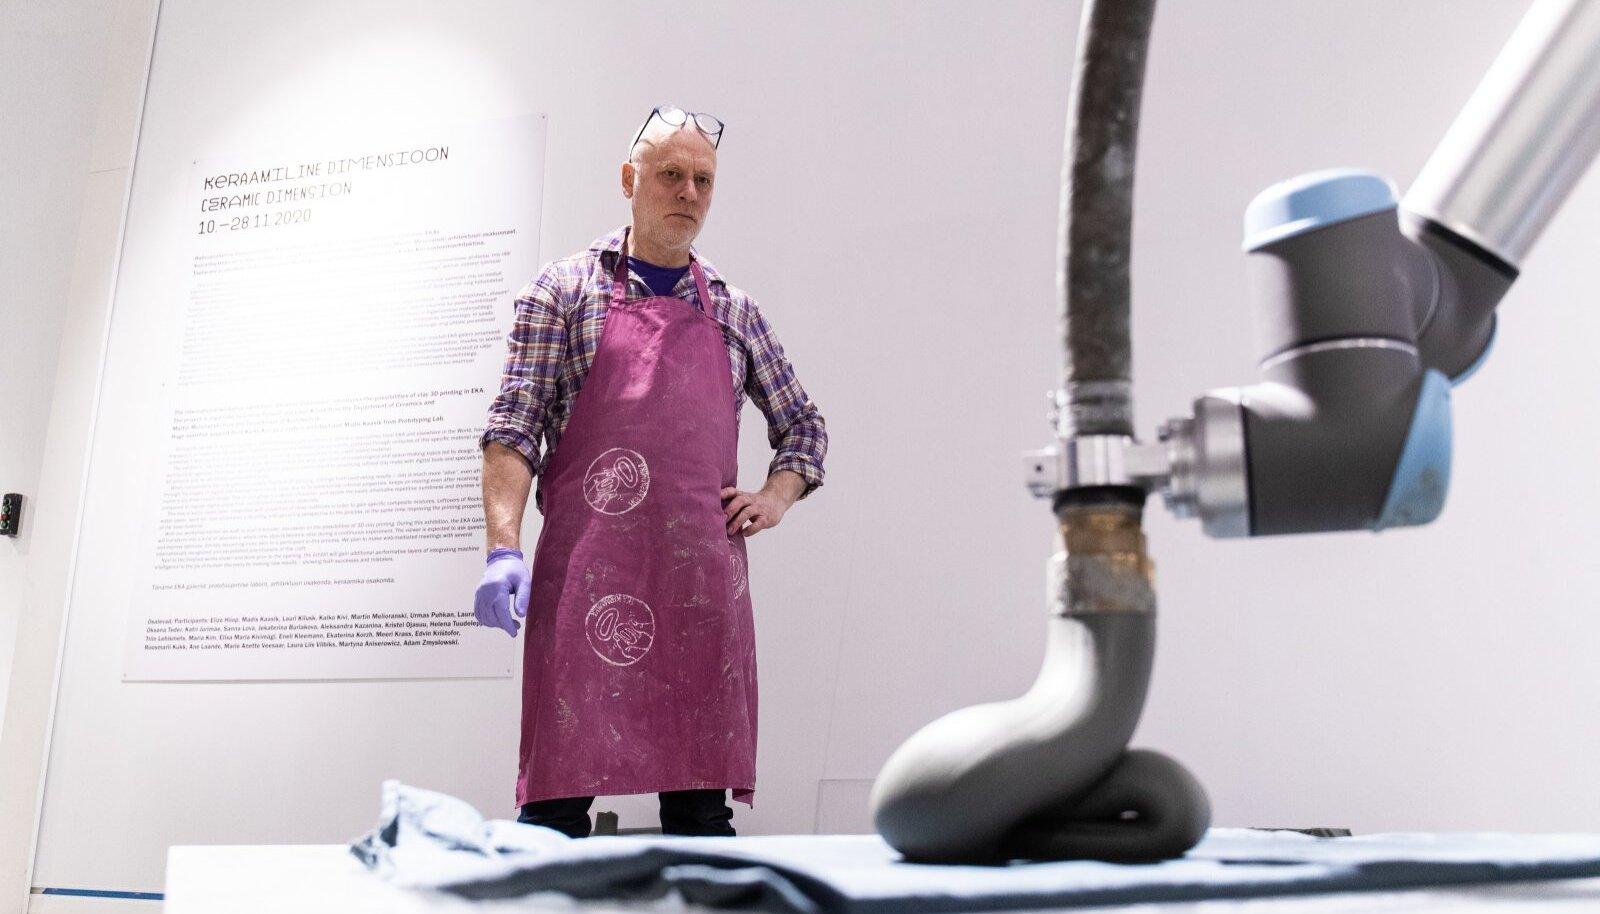 """3D savi printimise näitusel """"Keraamiline dimensioon"""" osalevad Elize Hiiop, Madis Kaasik, Lauri Kilusk, Kaiko Kivi, Martin Melioranski, Urmas Puhkan ning praegused ja endised EKA keraamika tudengid."""